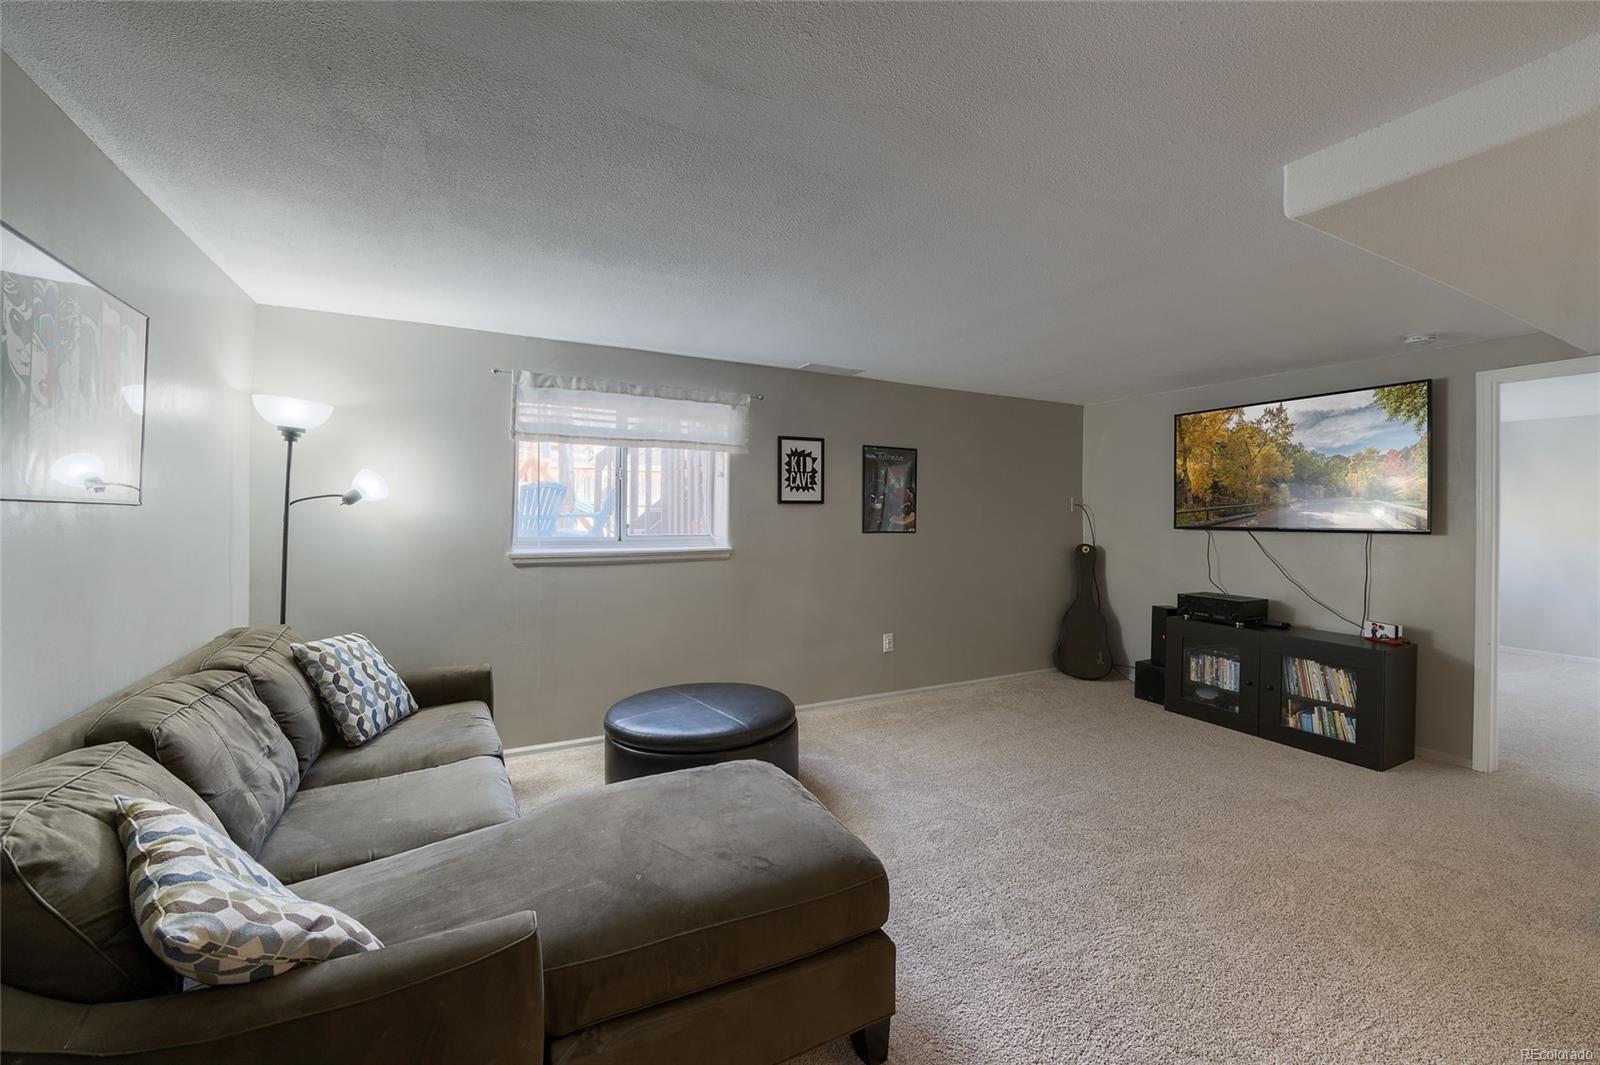 MLS# 5699329 - 1 - 4750  N Foxtail Drive, Castle Rock, CO 80109